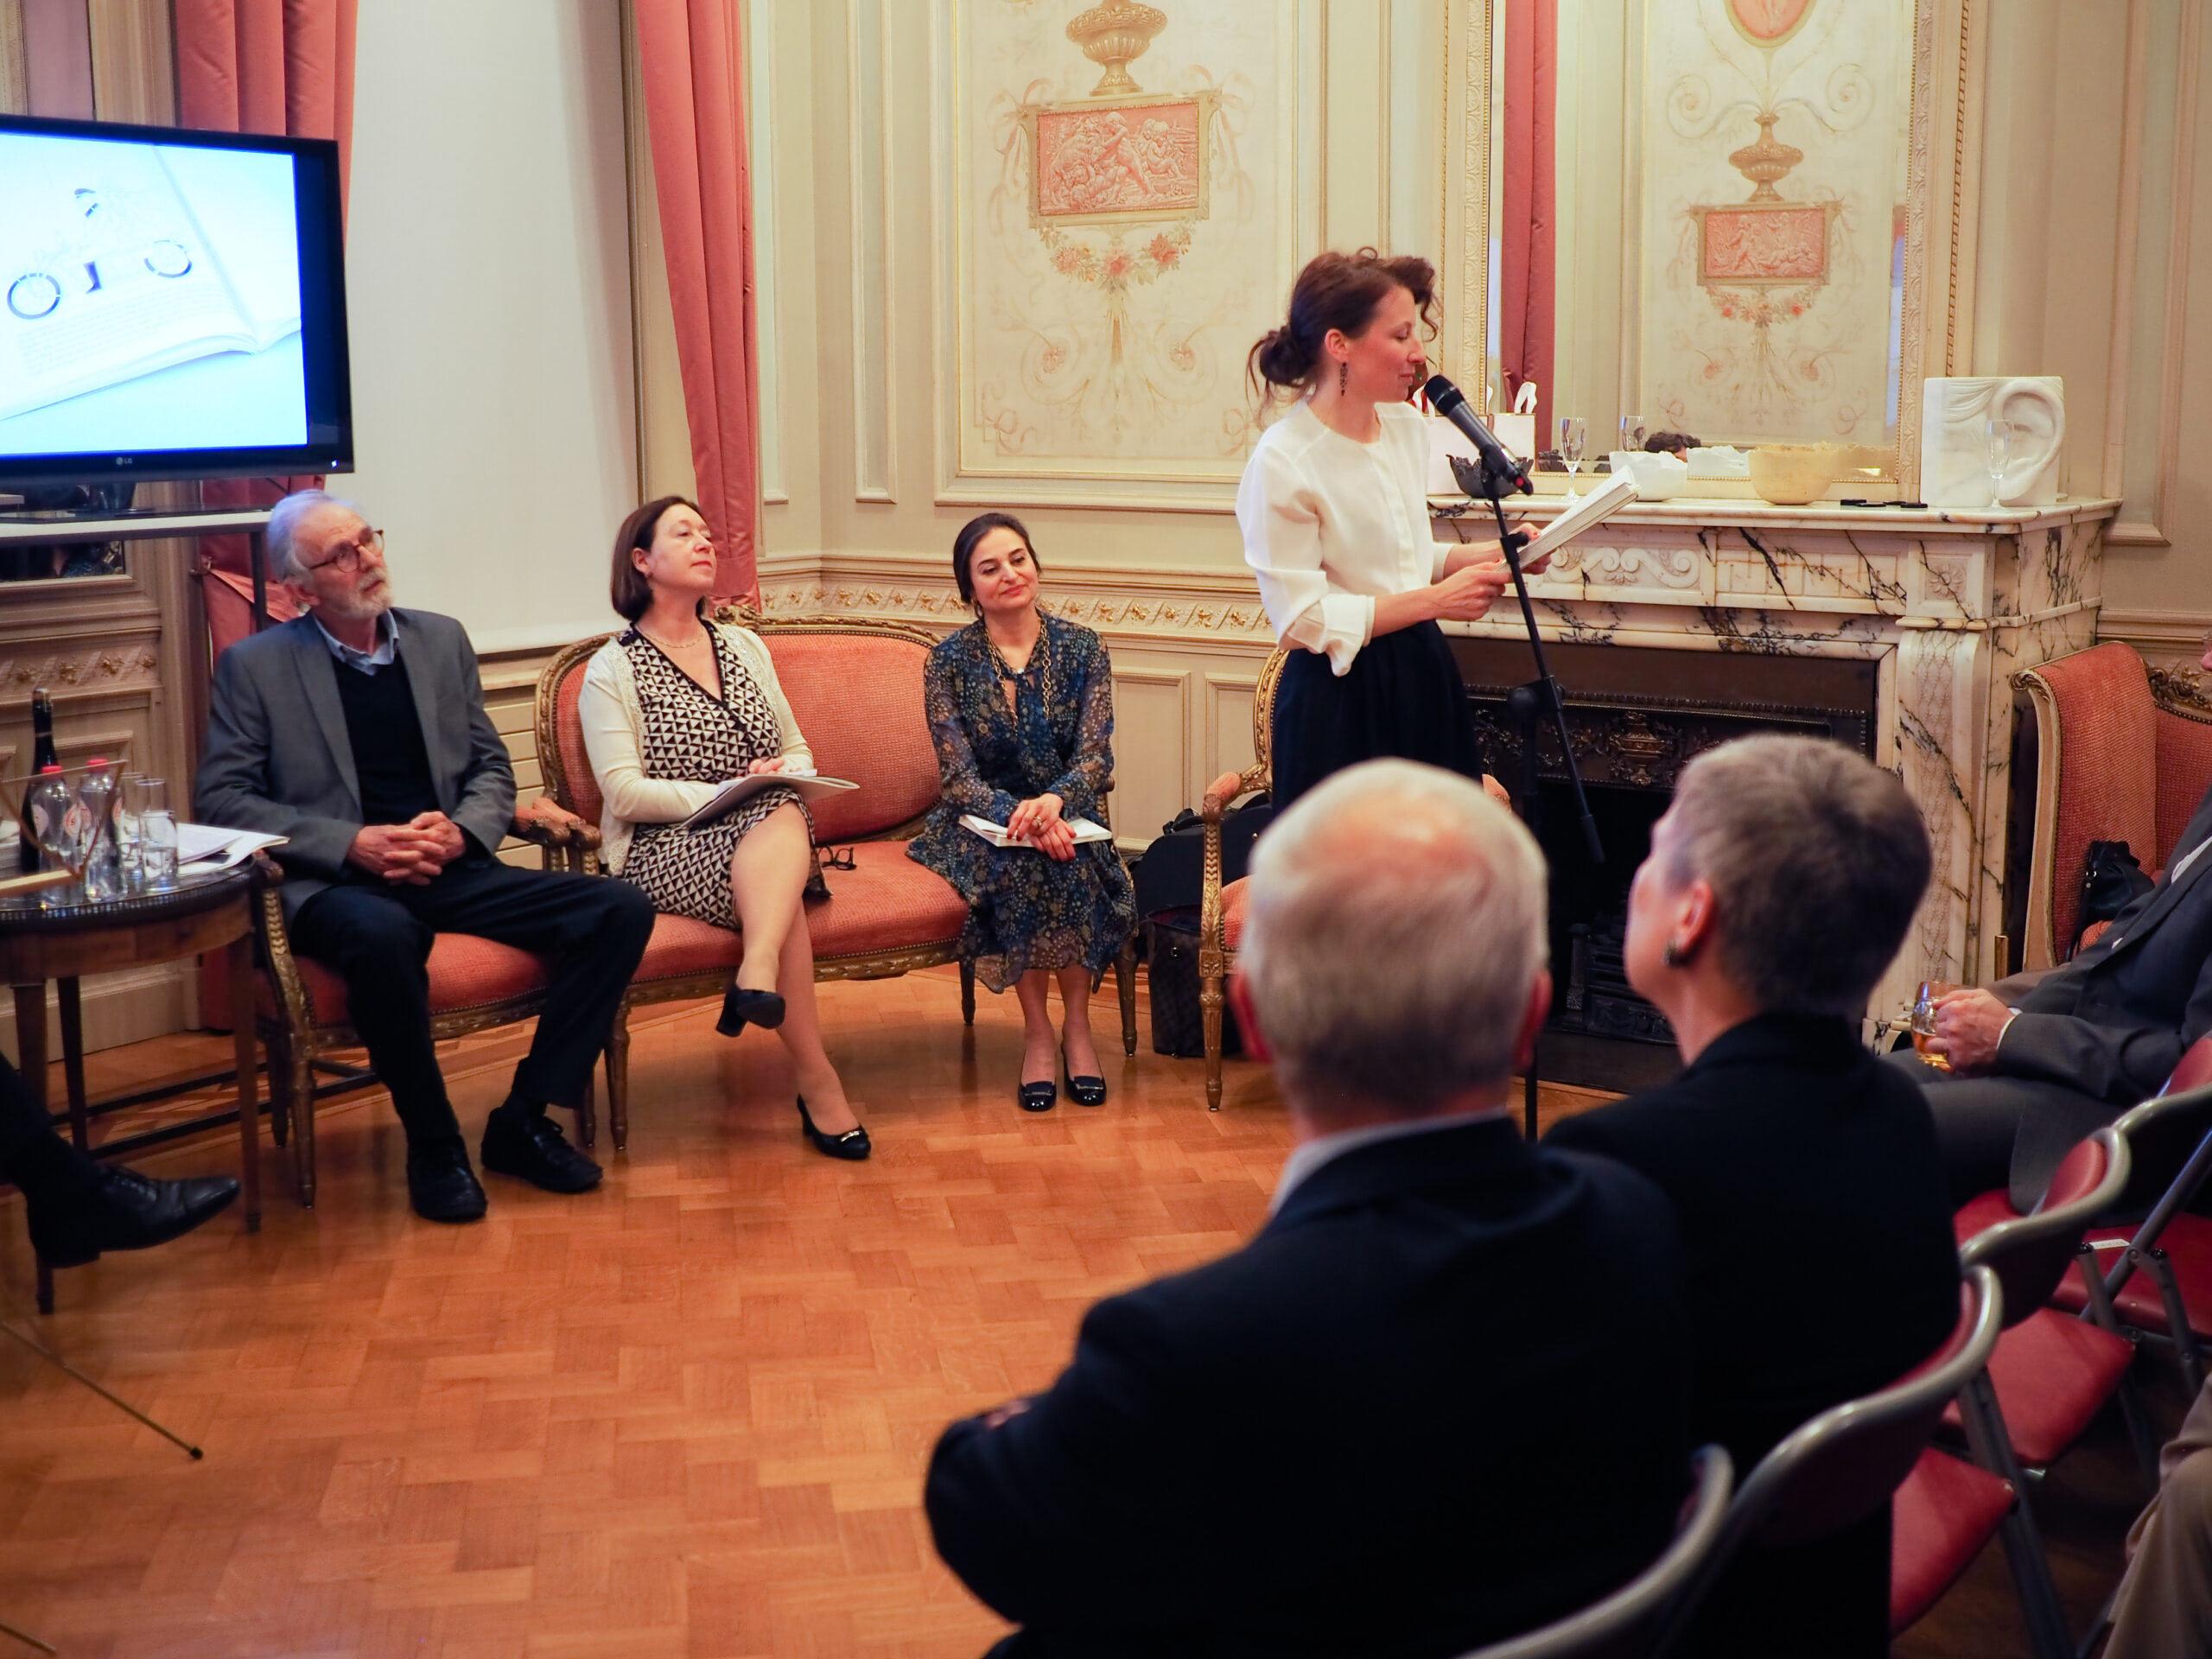 Zleva: Robert Russell, Ingrid Schulerud a Fariba Thomson.